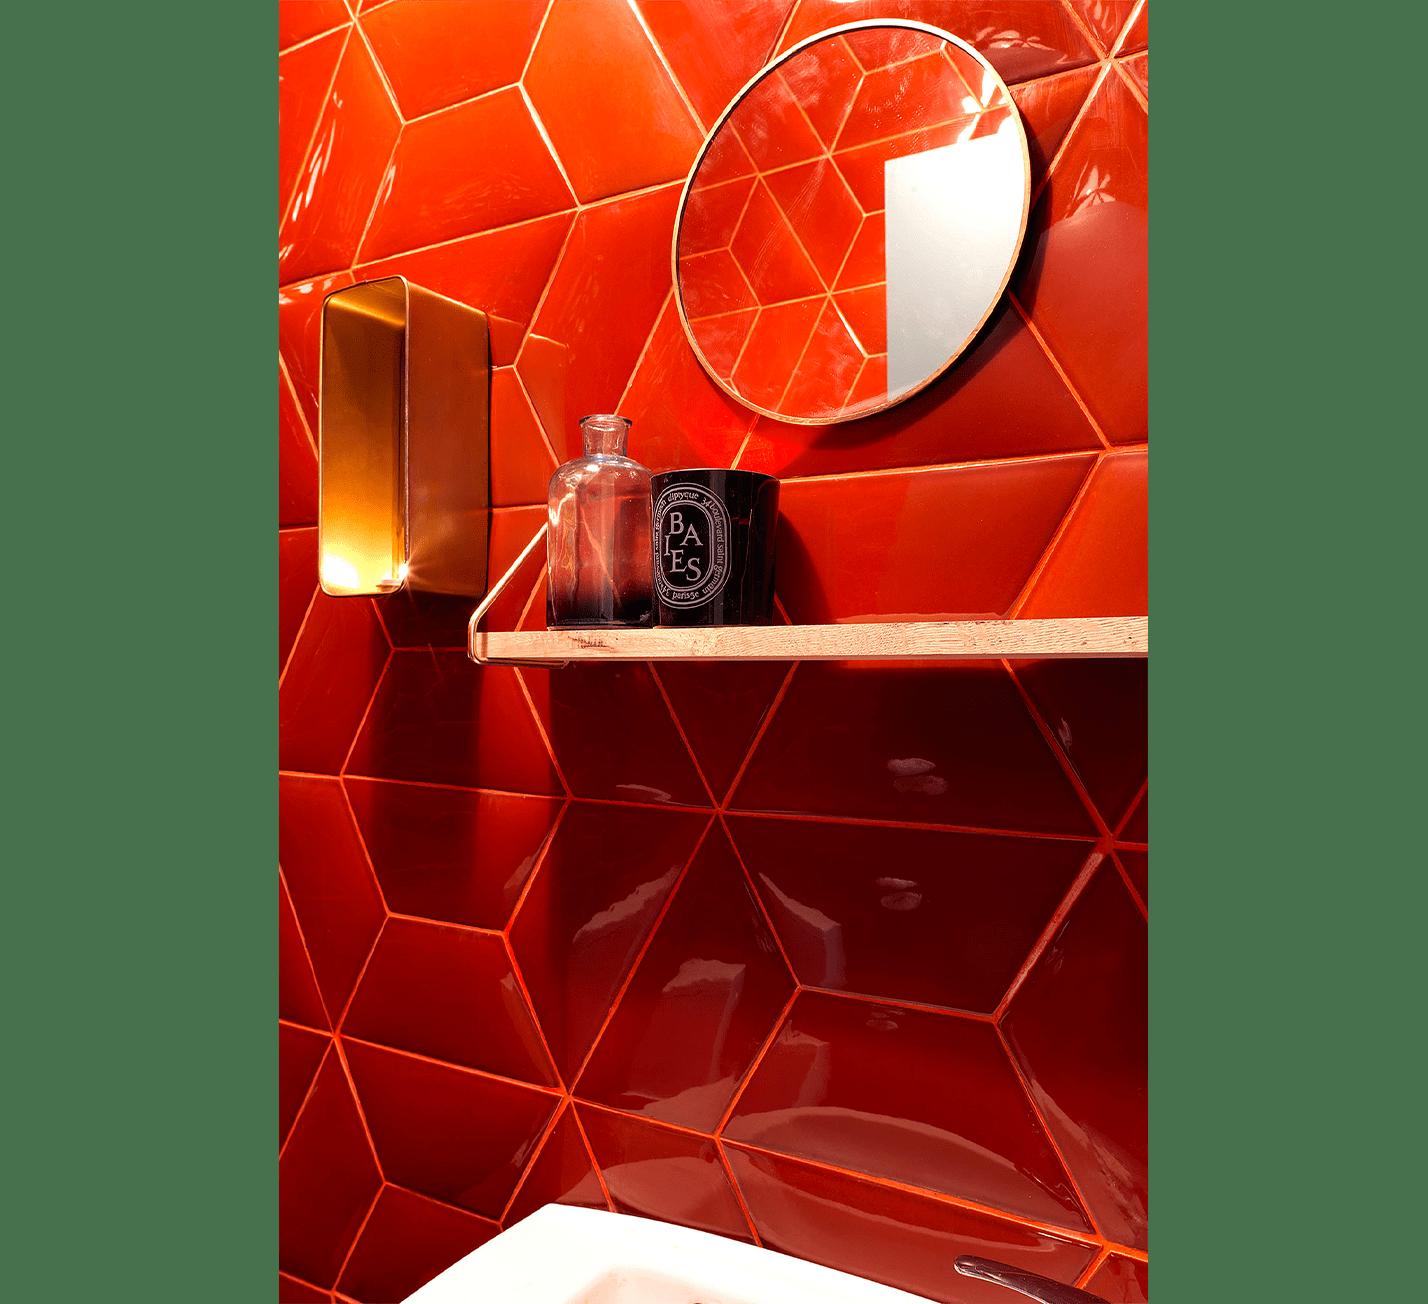 Projet-Natives-Atelier-Steve-Pauline-Borgia-Architecture-interieur-02-min-1